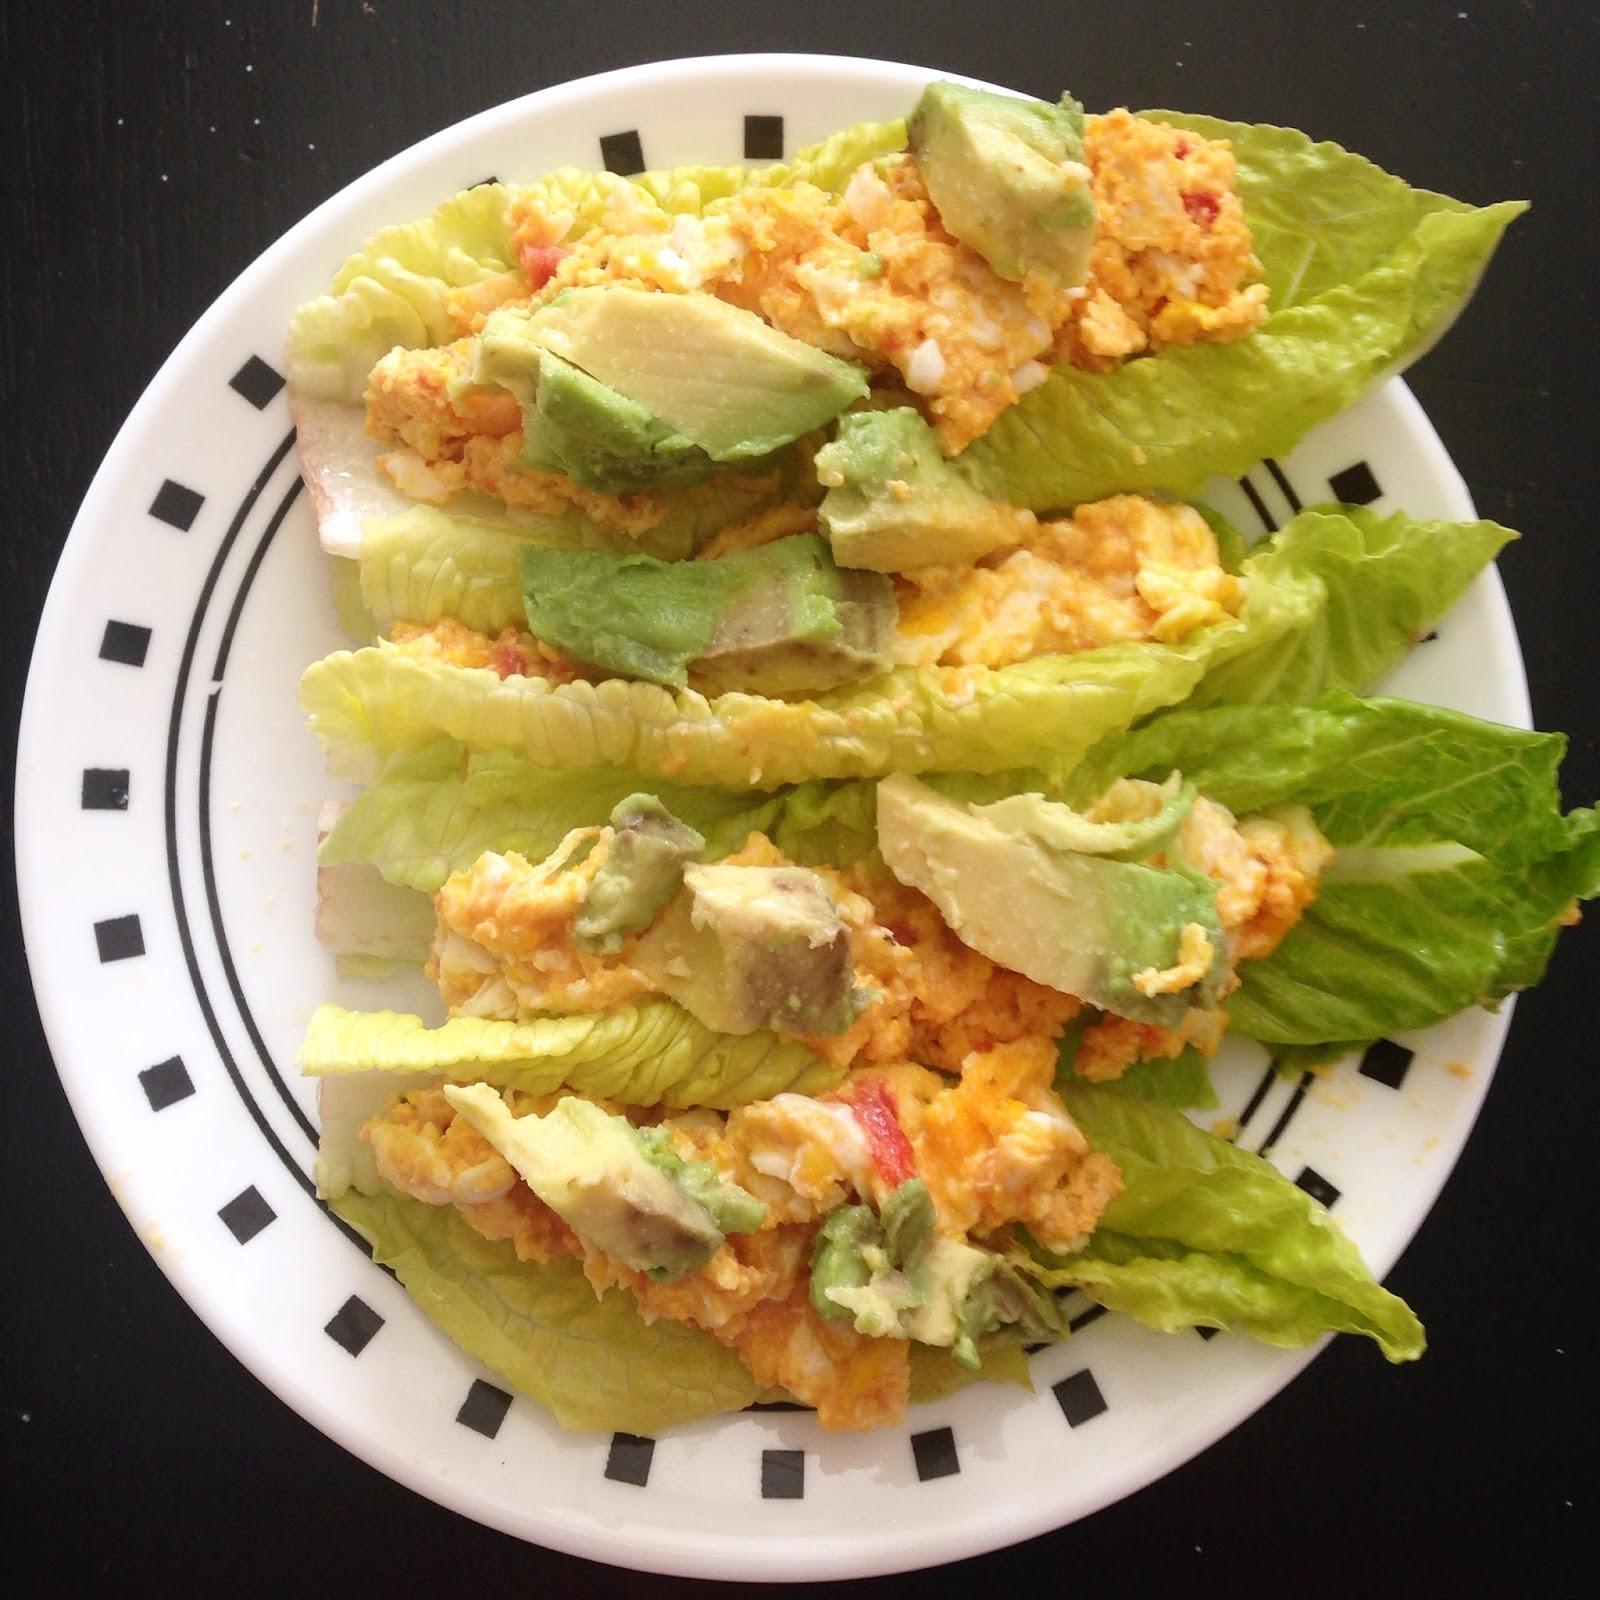 Rico facil y nutritivo ideas de almuerzos r pidos ricos y nutritivos - Almuerzo rapido y facil ...